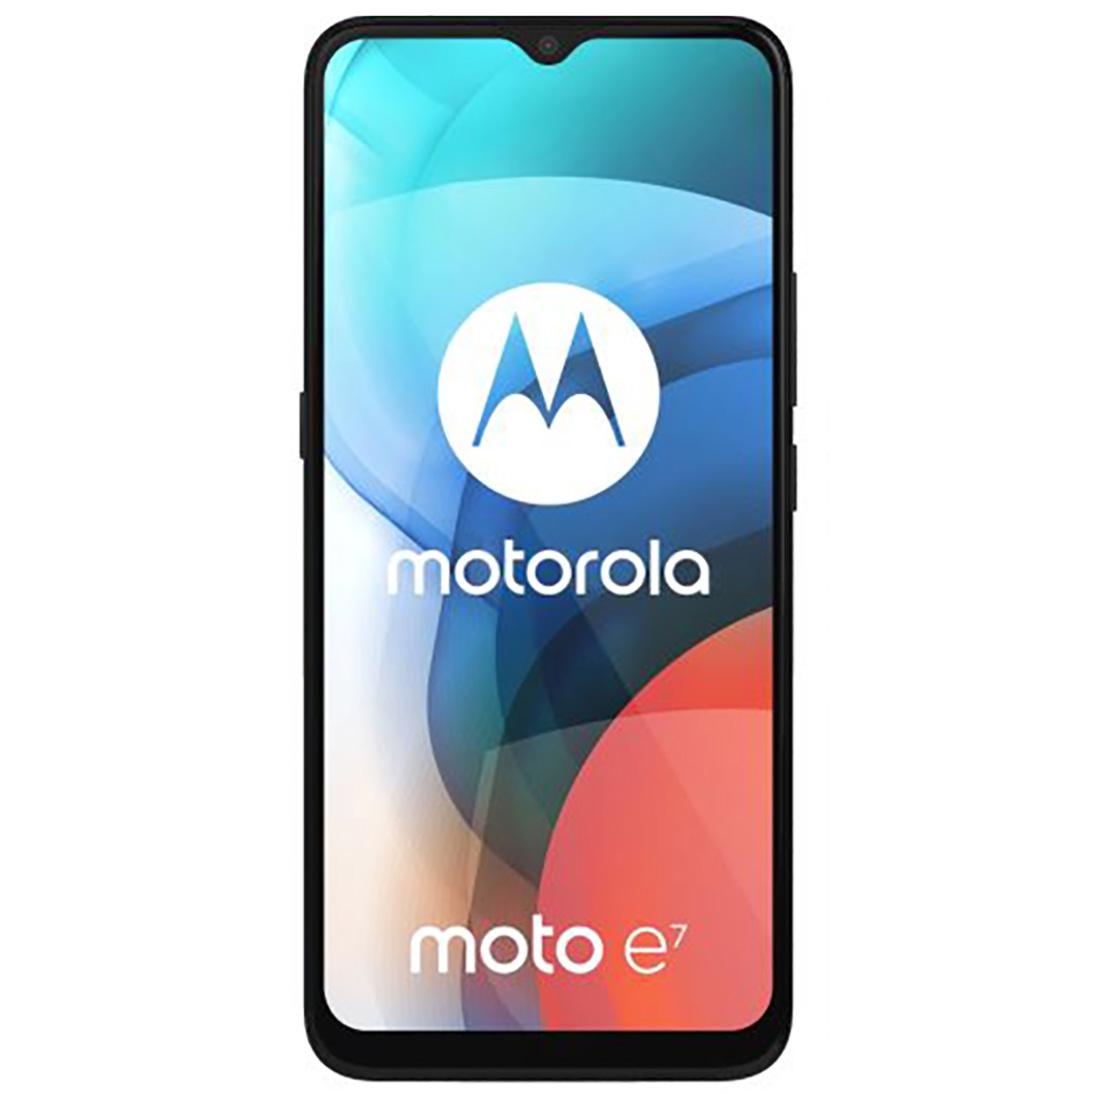 فروش نقدی و اقساطی گوشی موبایل موتورولا مدل E7 XT2095-3 دو سیم کارت ظرفیت 64 گیگابایت و رم 4 گیگابایت